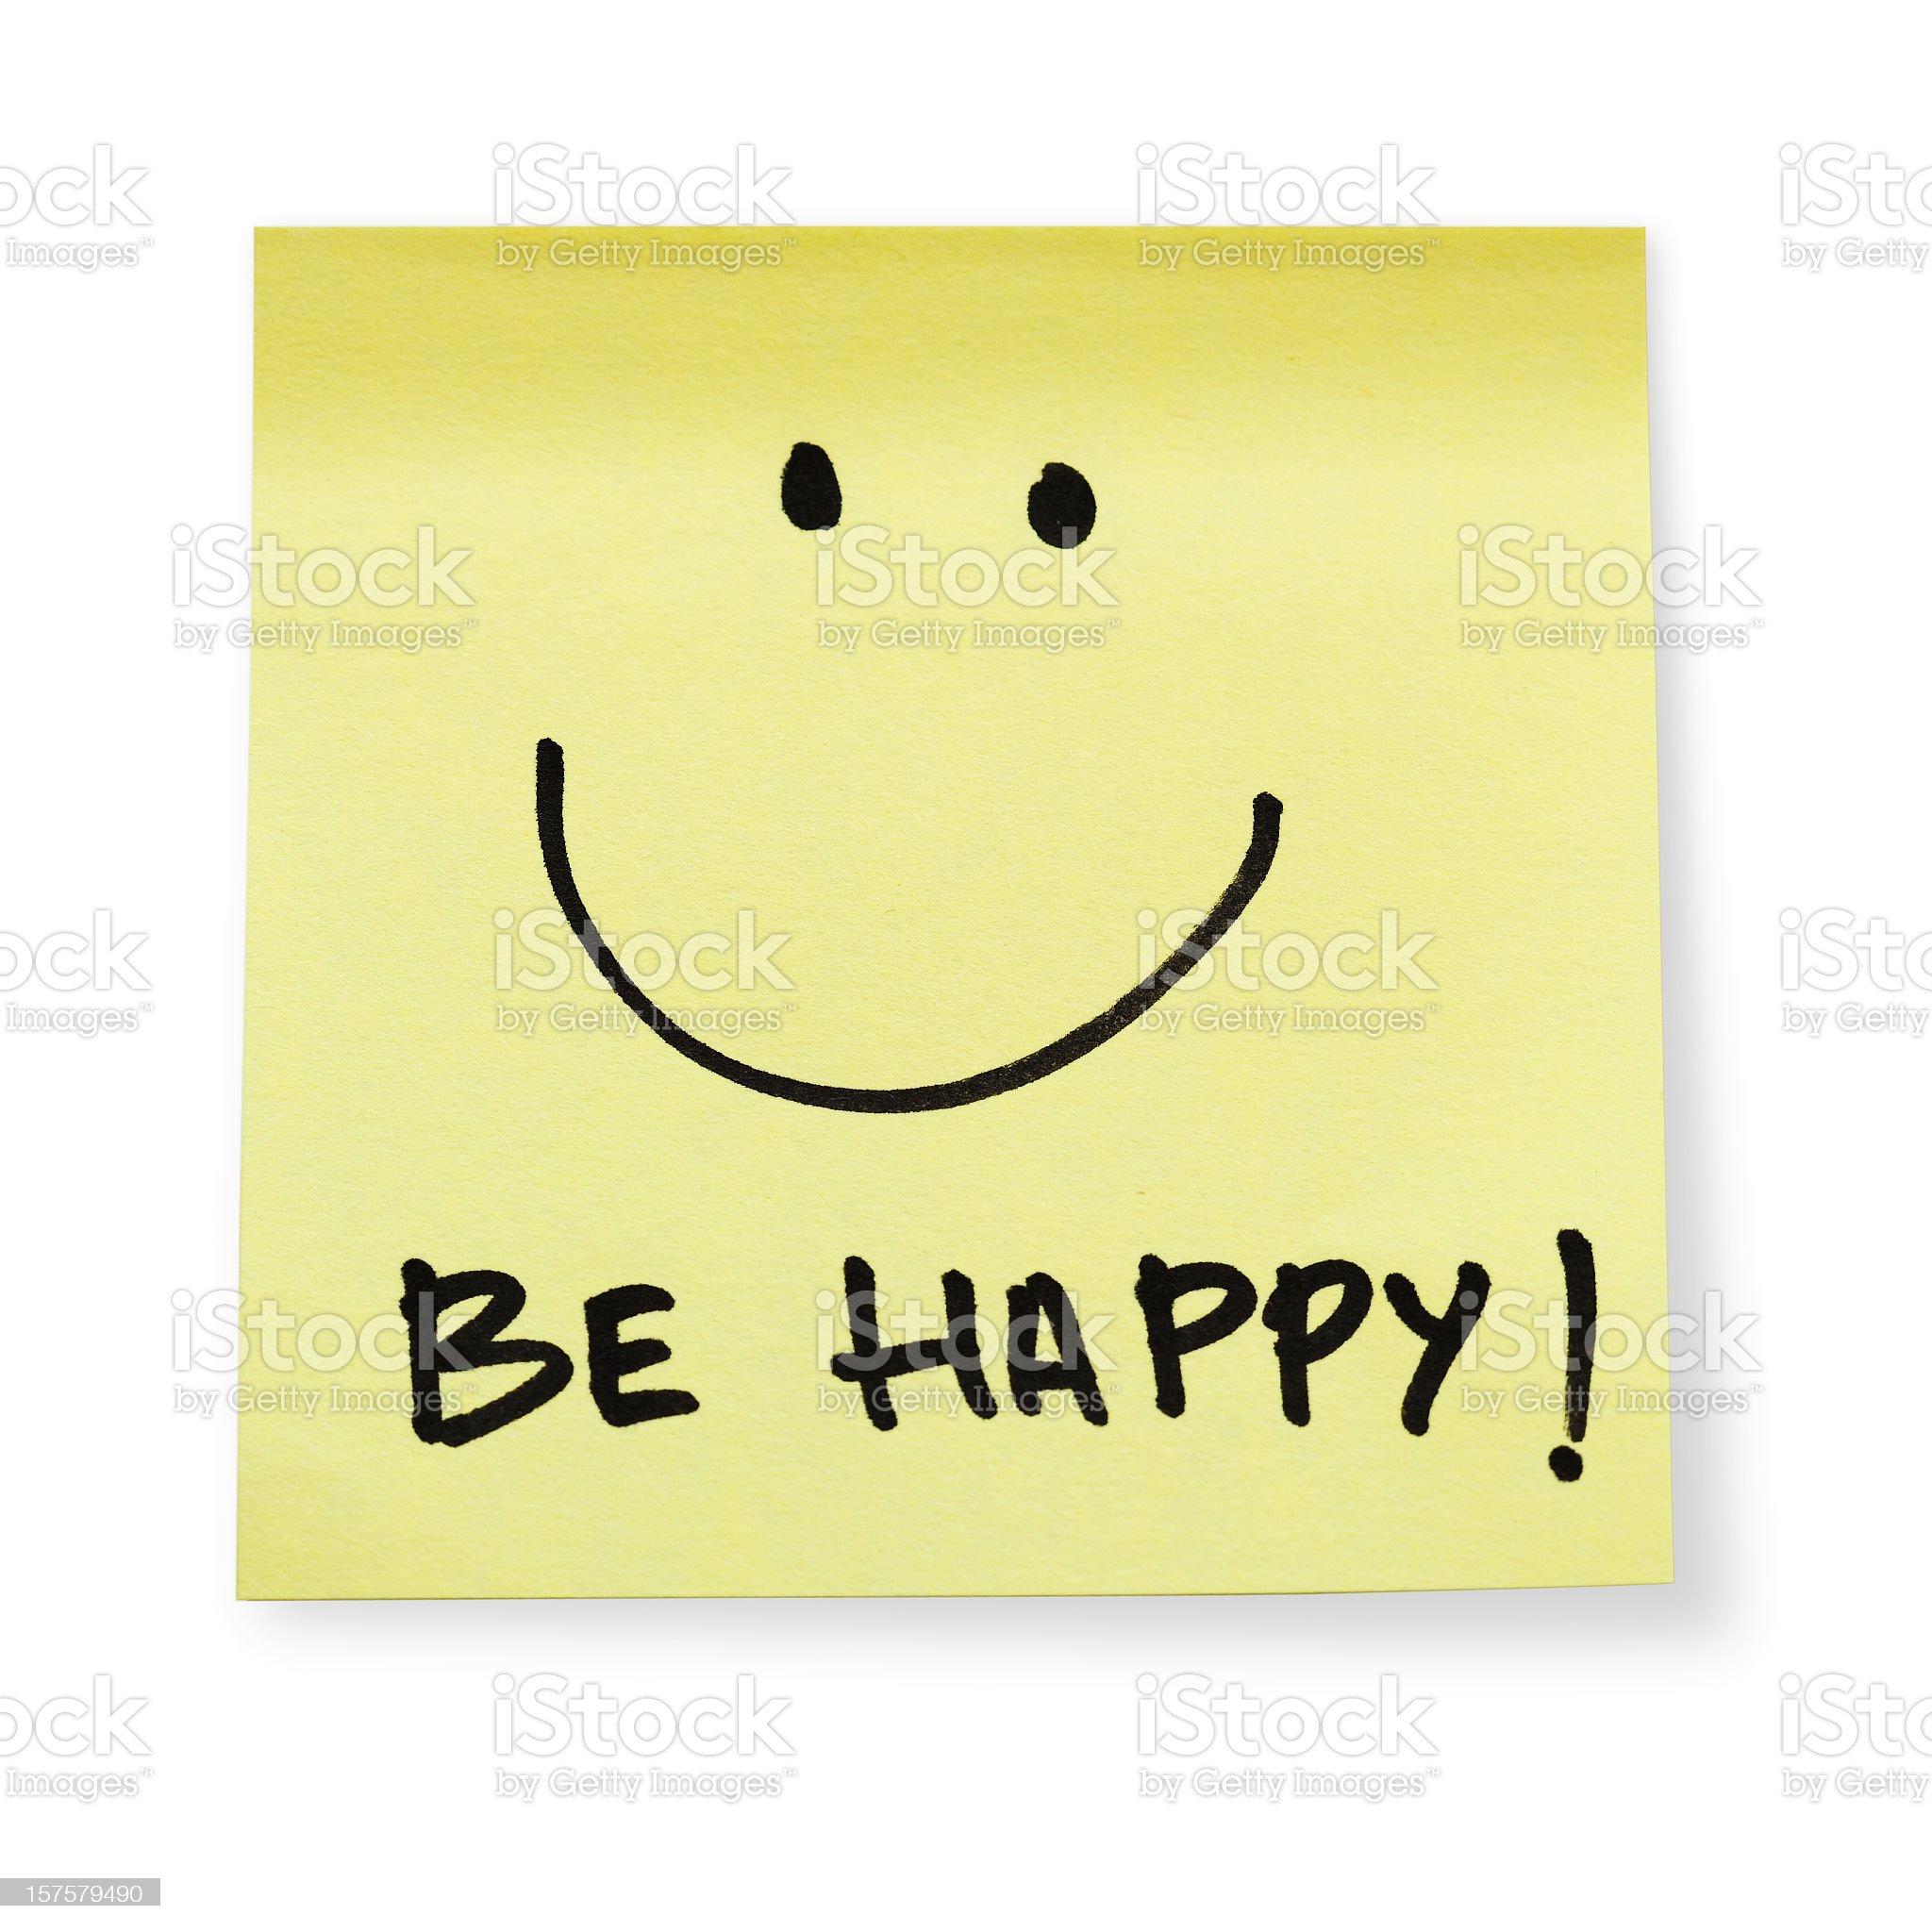 Be happy! royalty-free stock photo